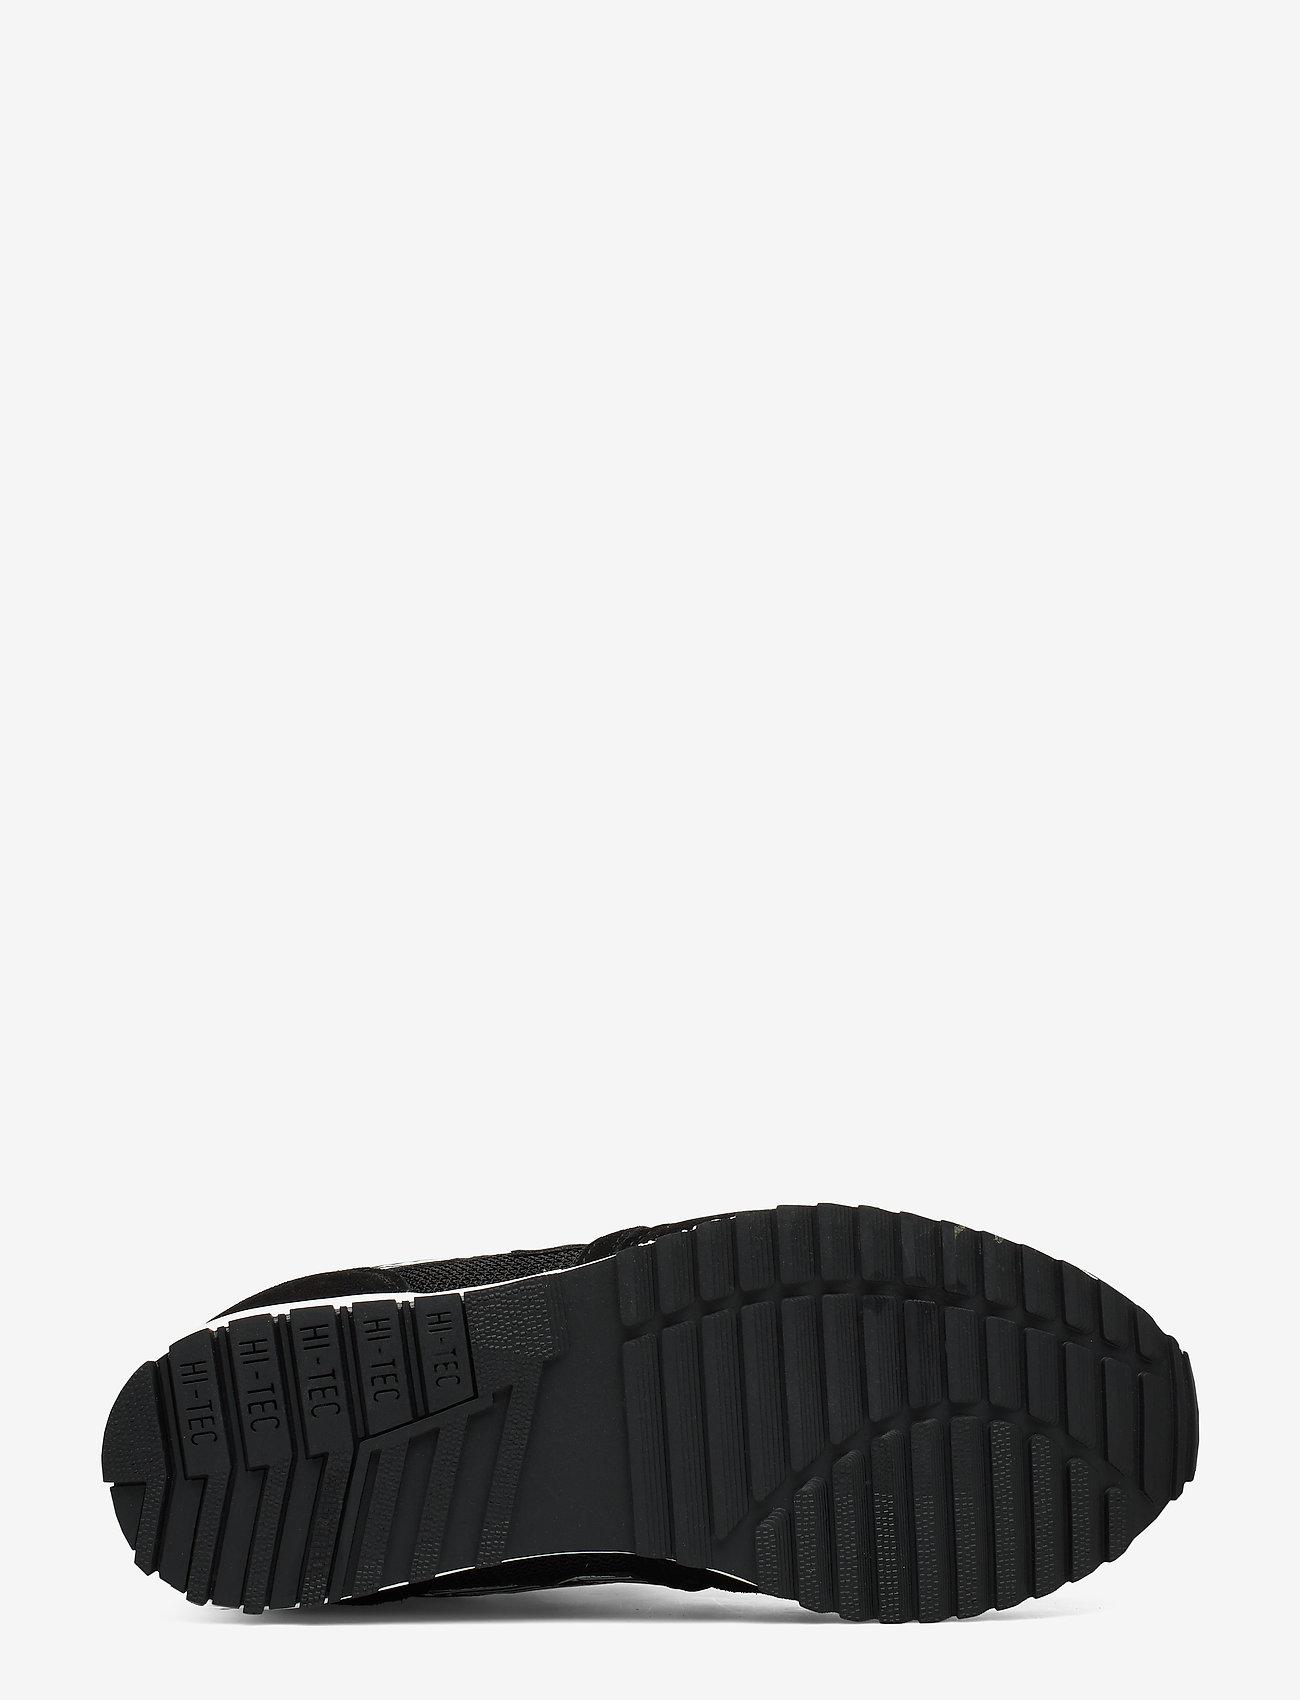 Hi-tec Ht Bw 146 Black/white - Sneakers